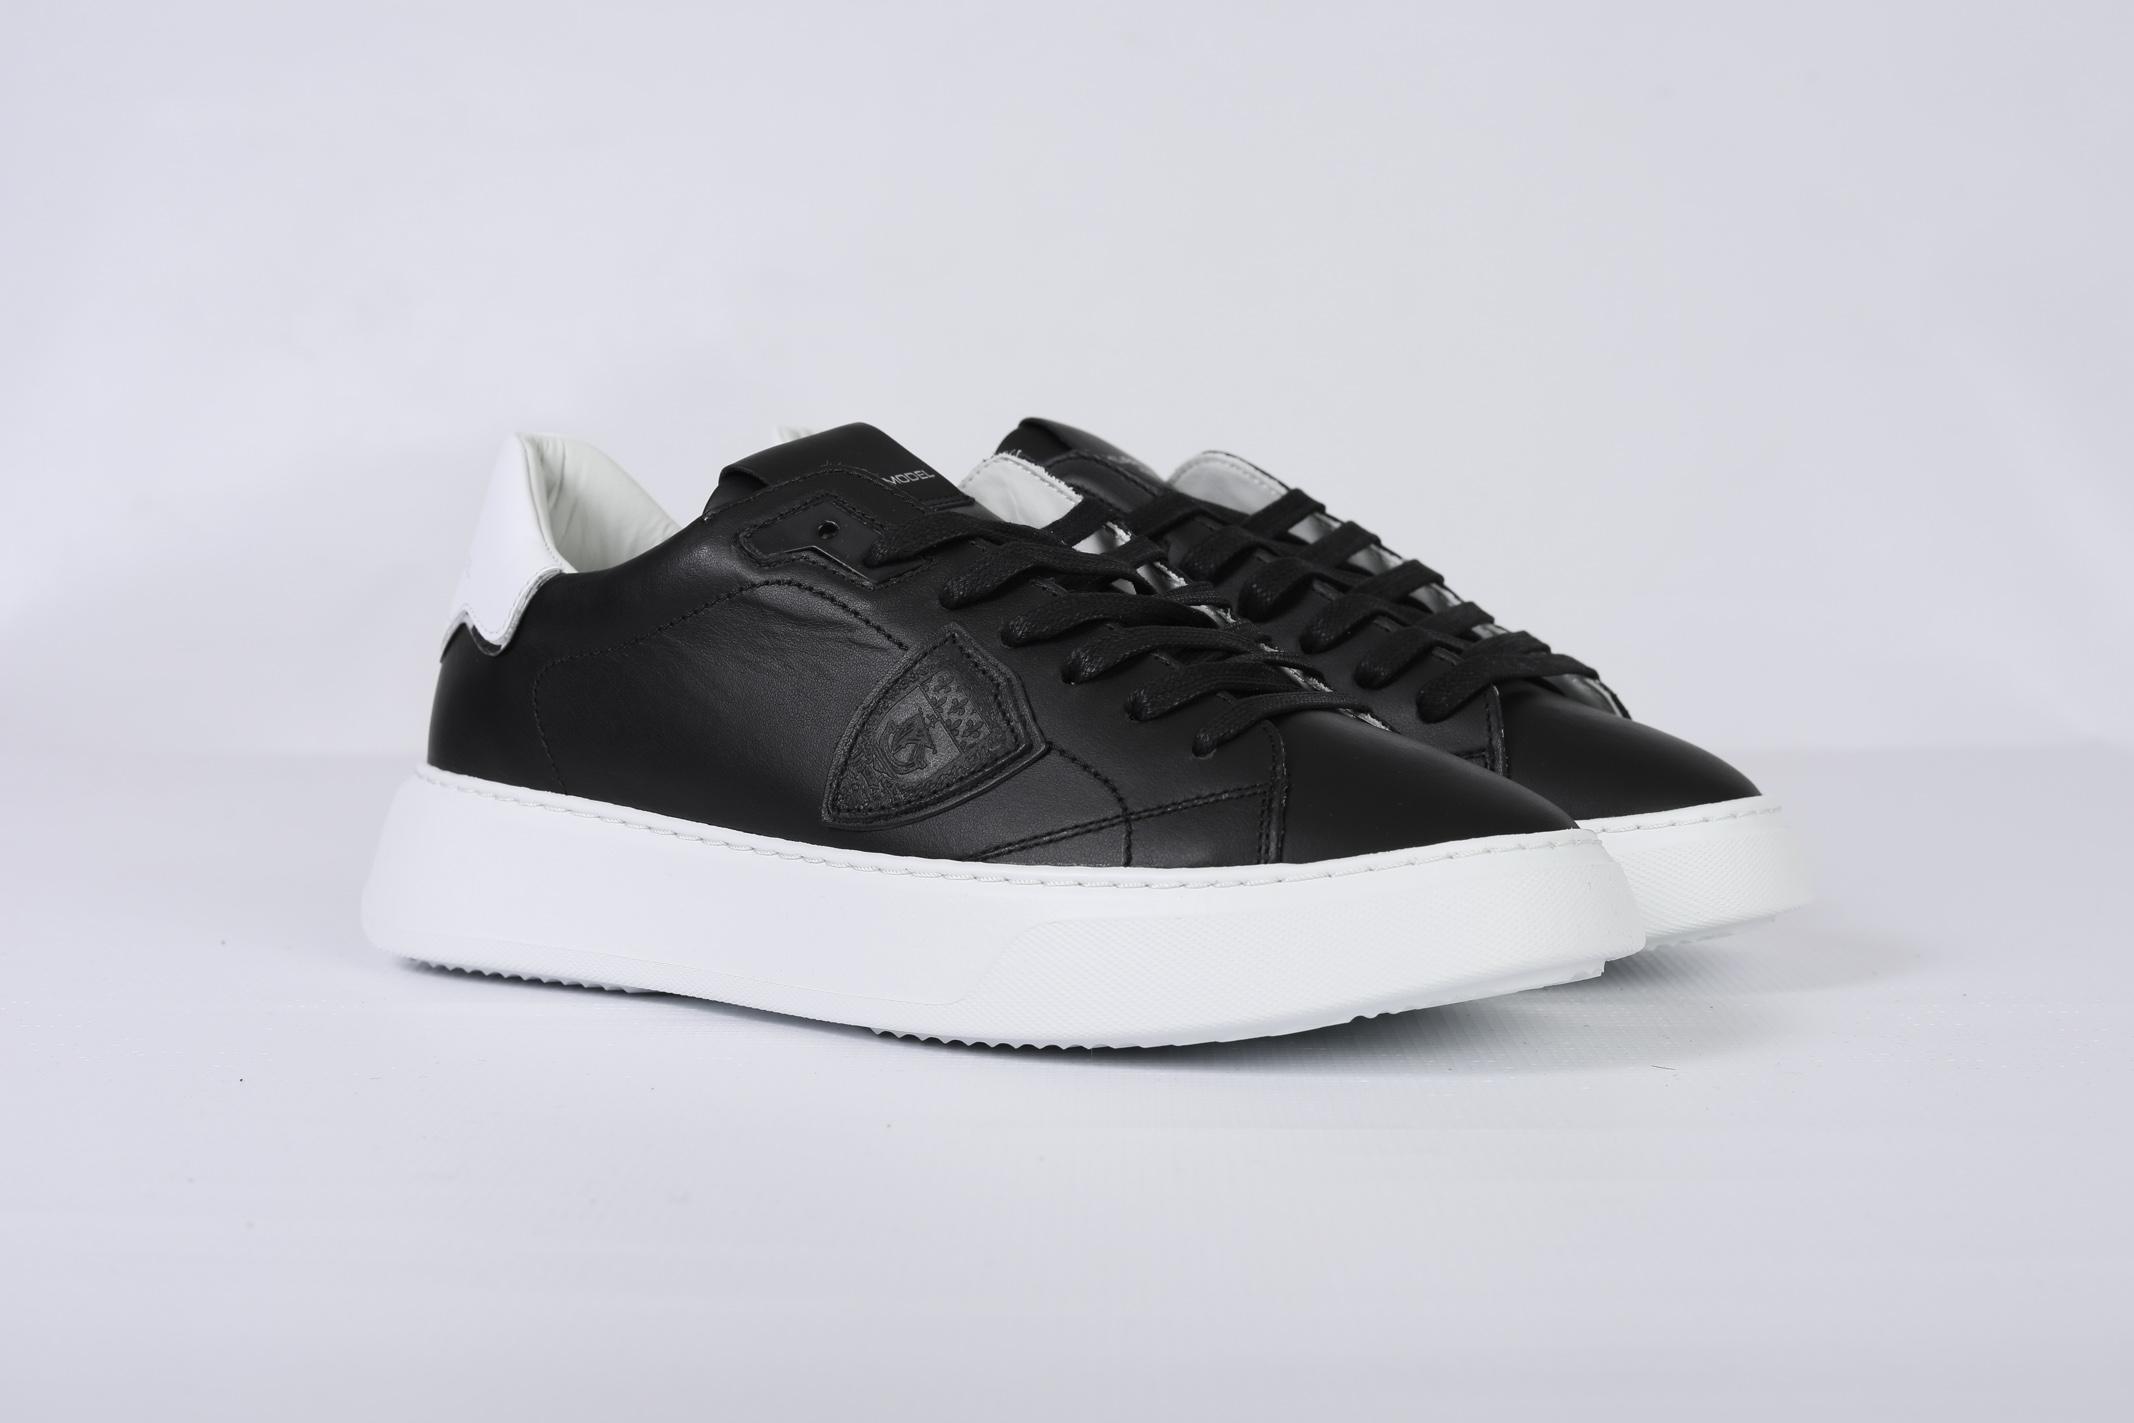 TEMPLE VEAU - NOIR BLANC PHILIPPE MODEL | Shoes | BTLUV002